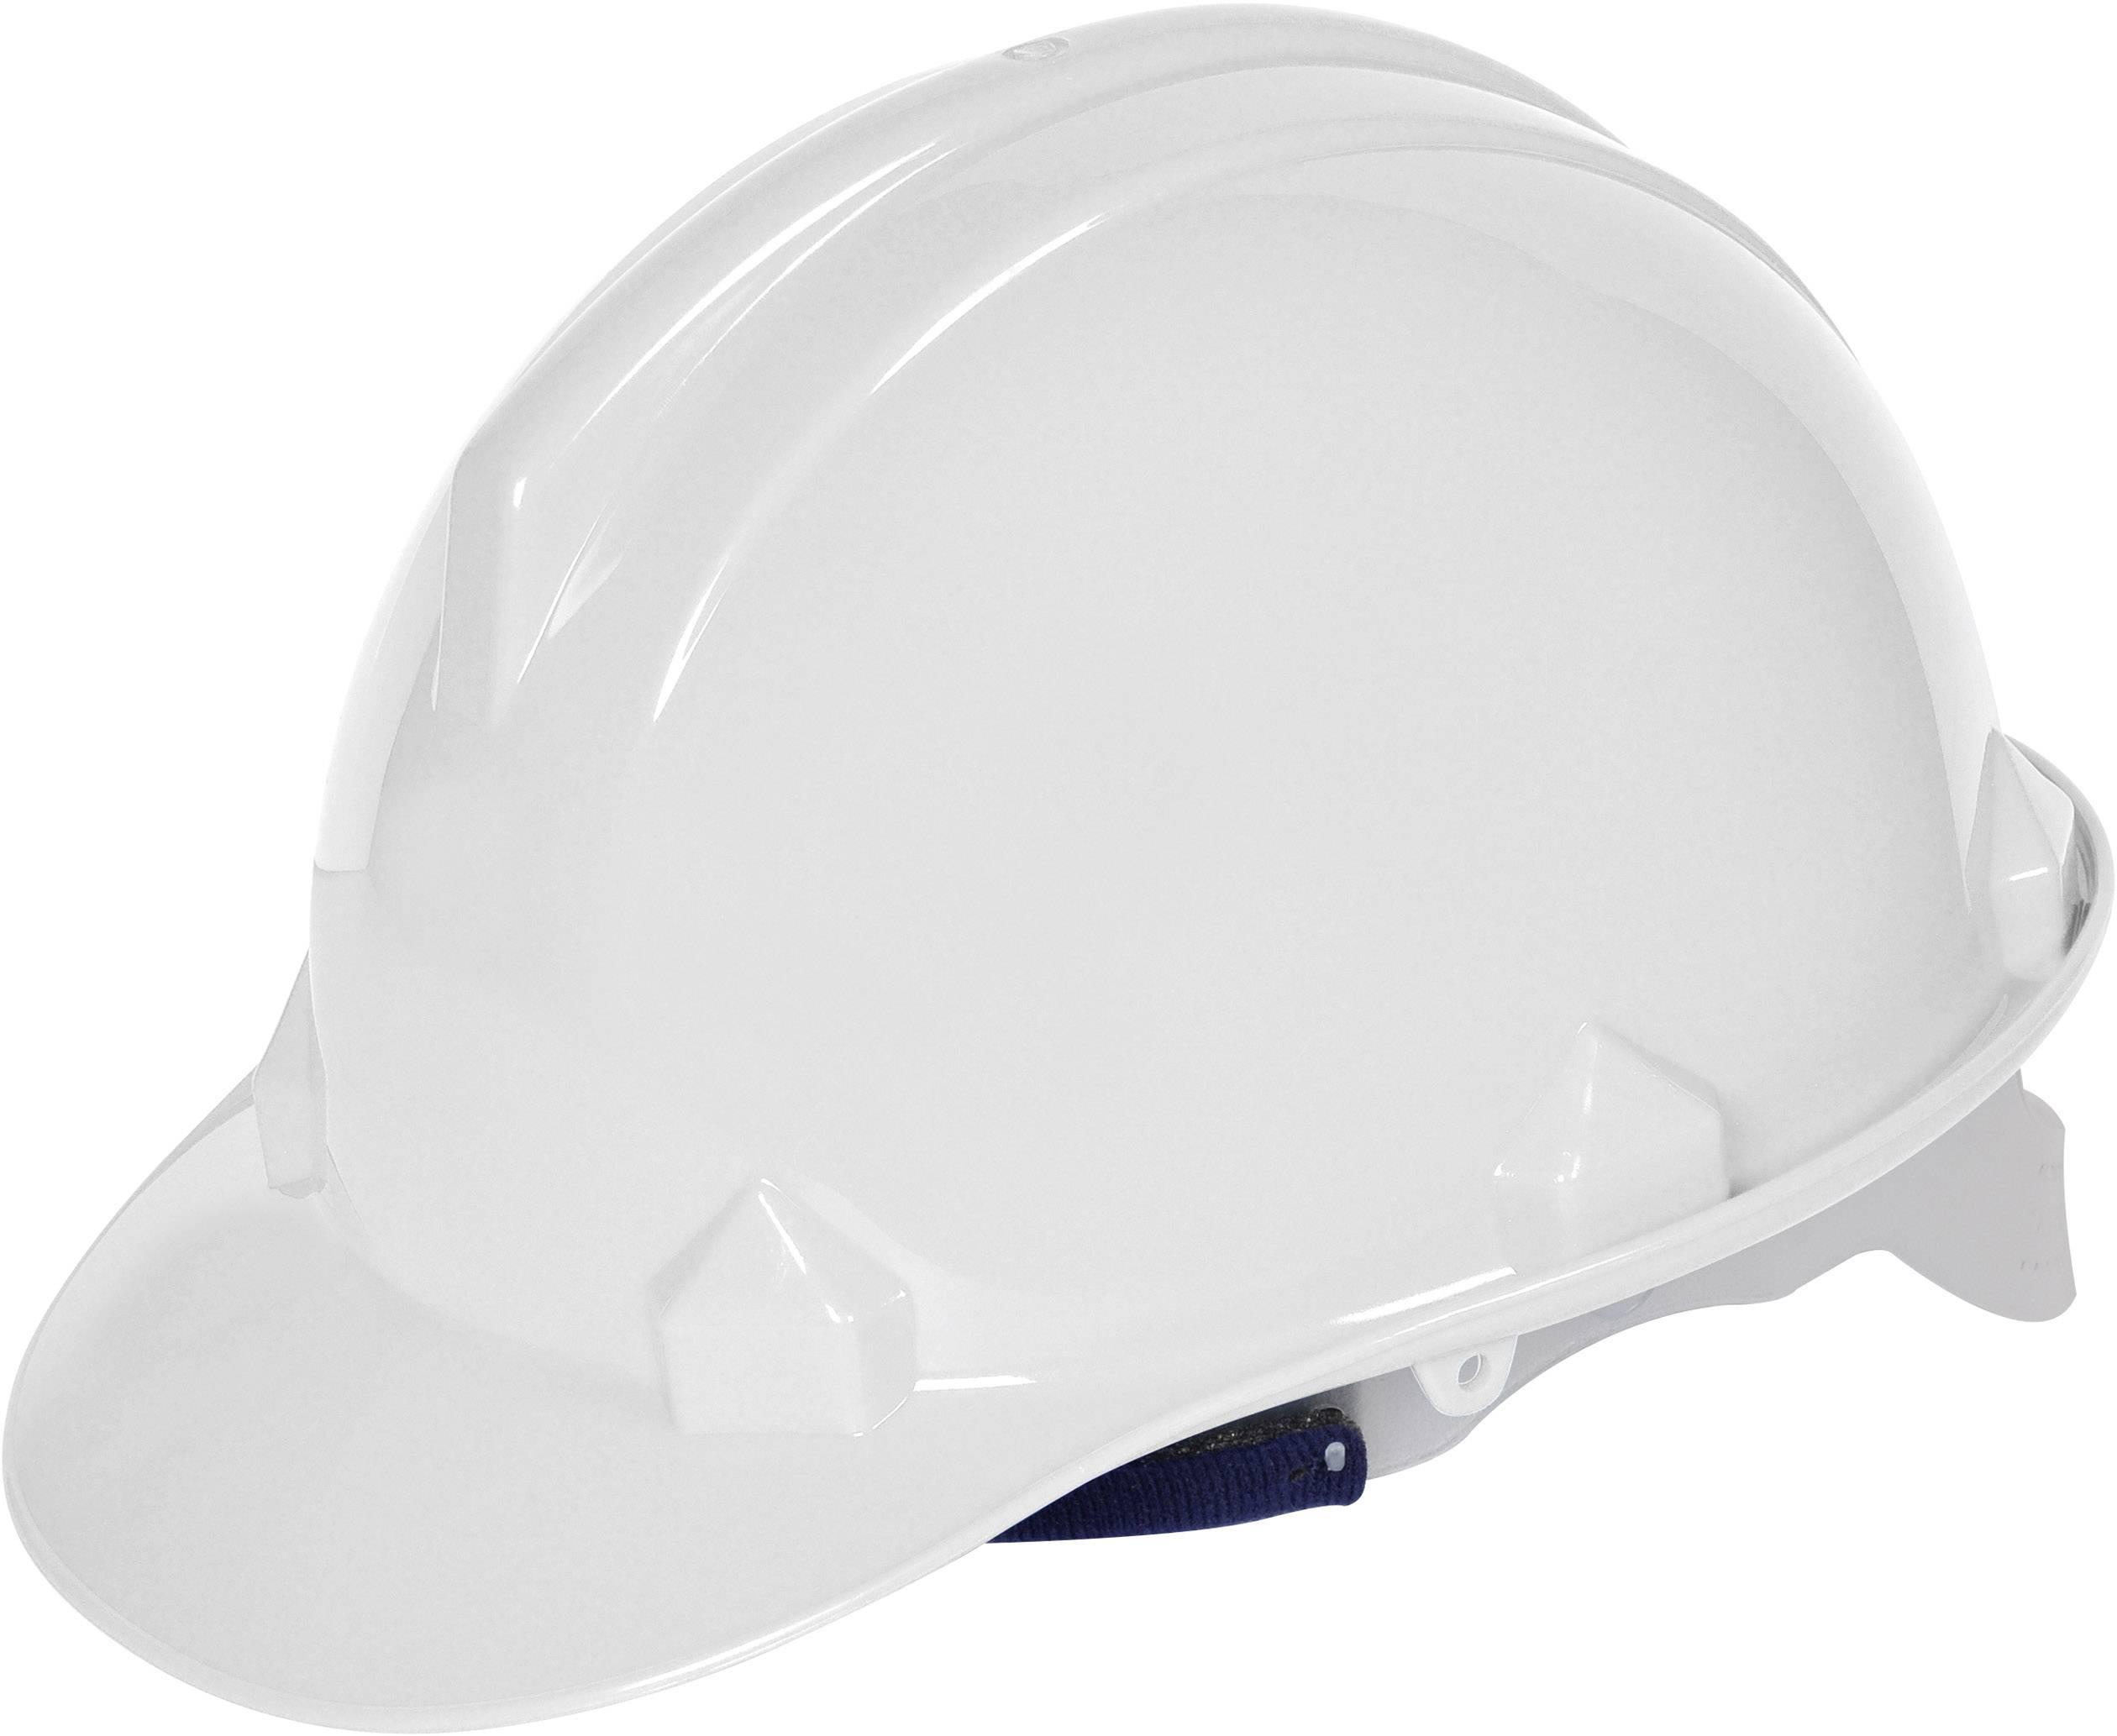 Ochranná přilba bílá AV13060